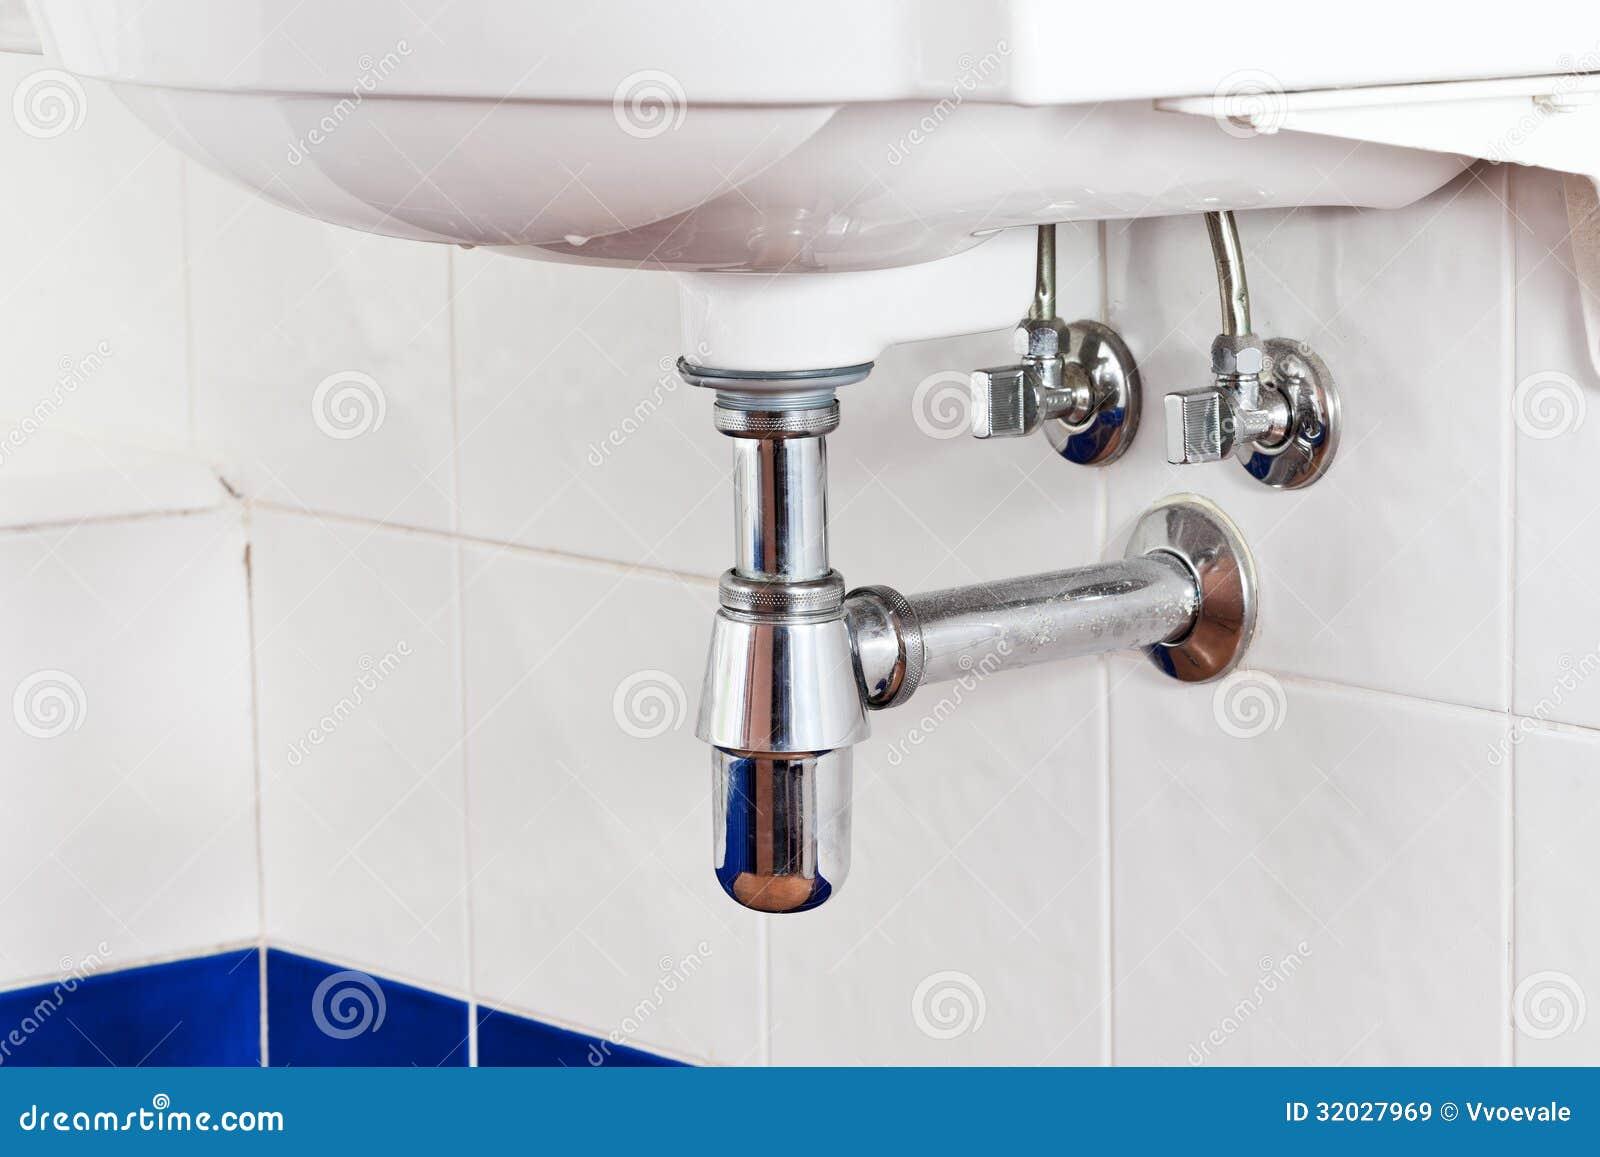 Sifone e scolo del lavandino del metallo immagine stock immagine di usato bathroom 32027969 - Sifone lavandino bagno ...